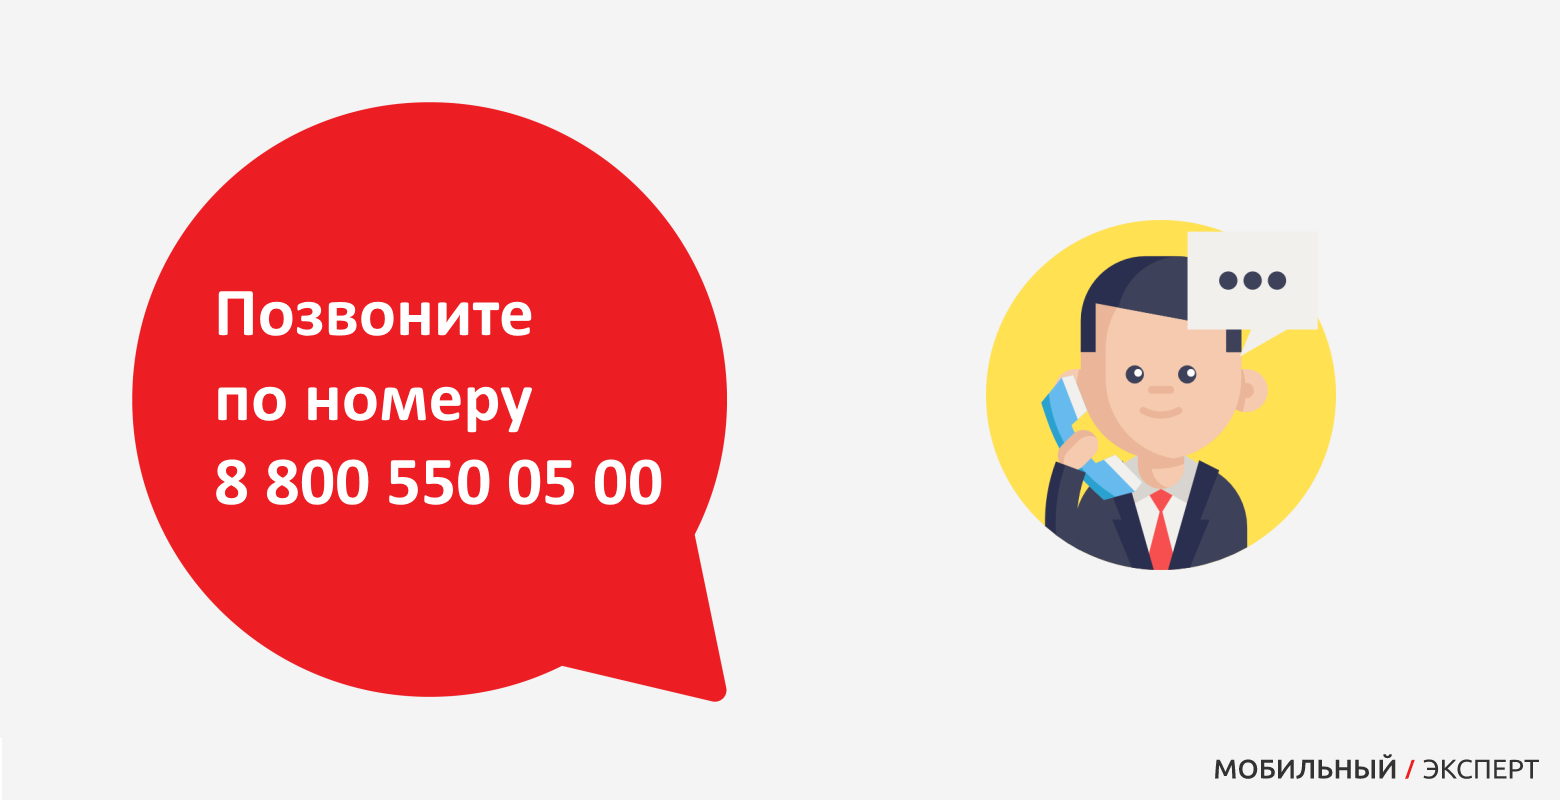 Позвоните по номеру 8 800 550 05 00